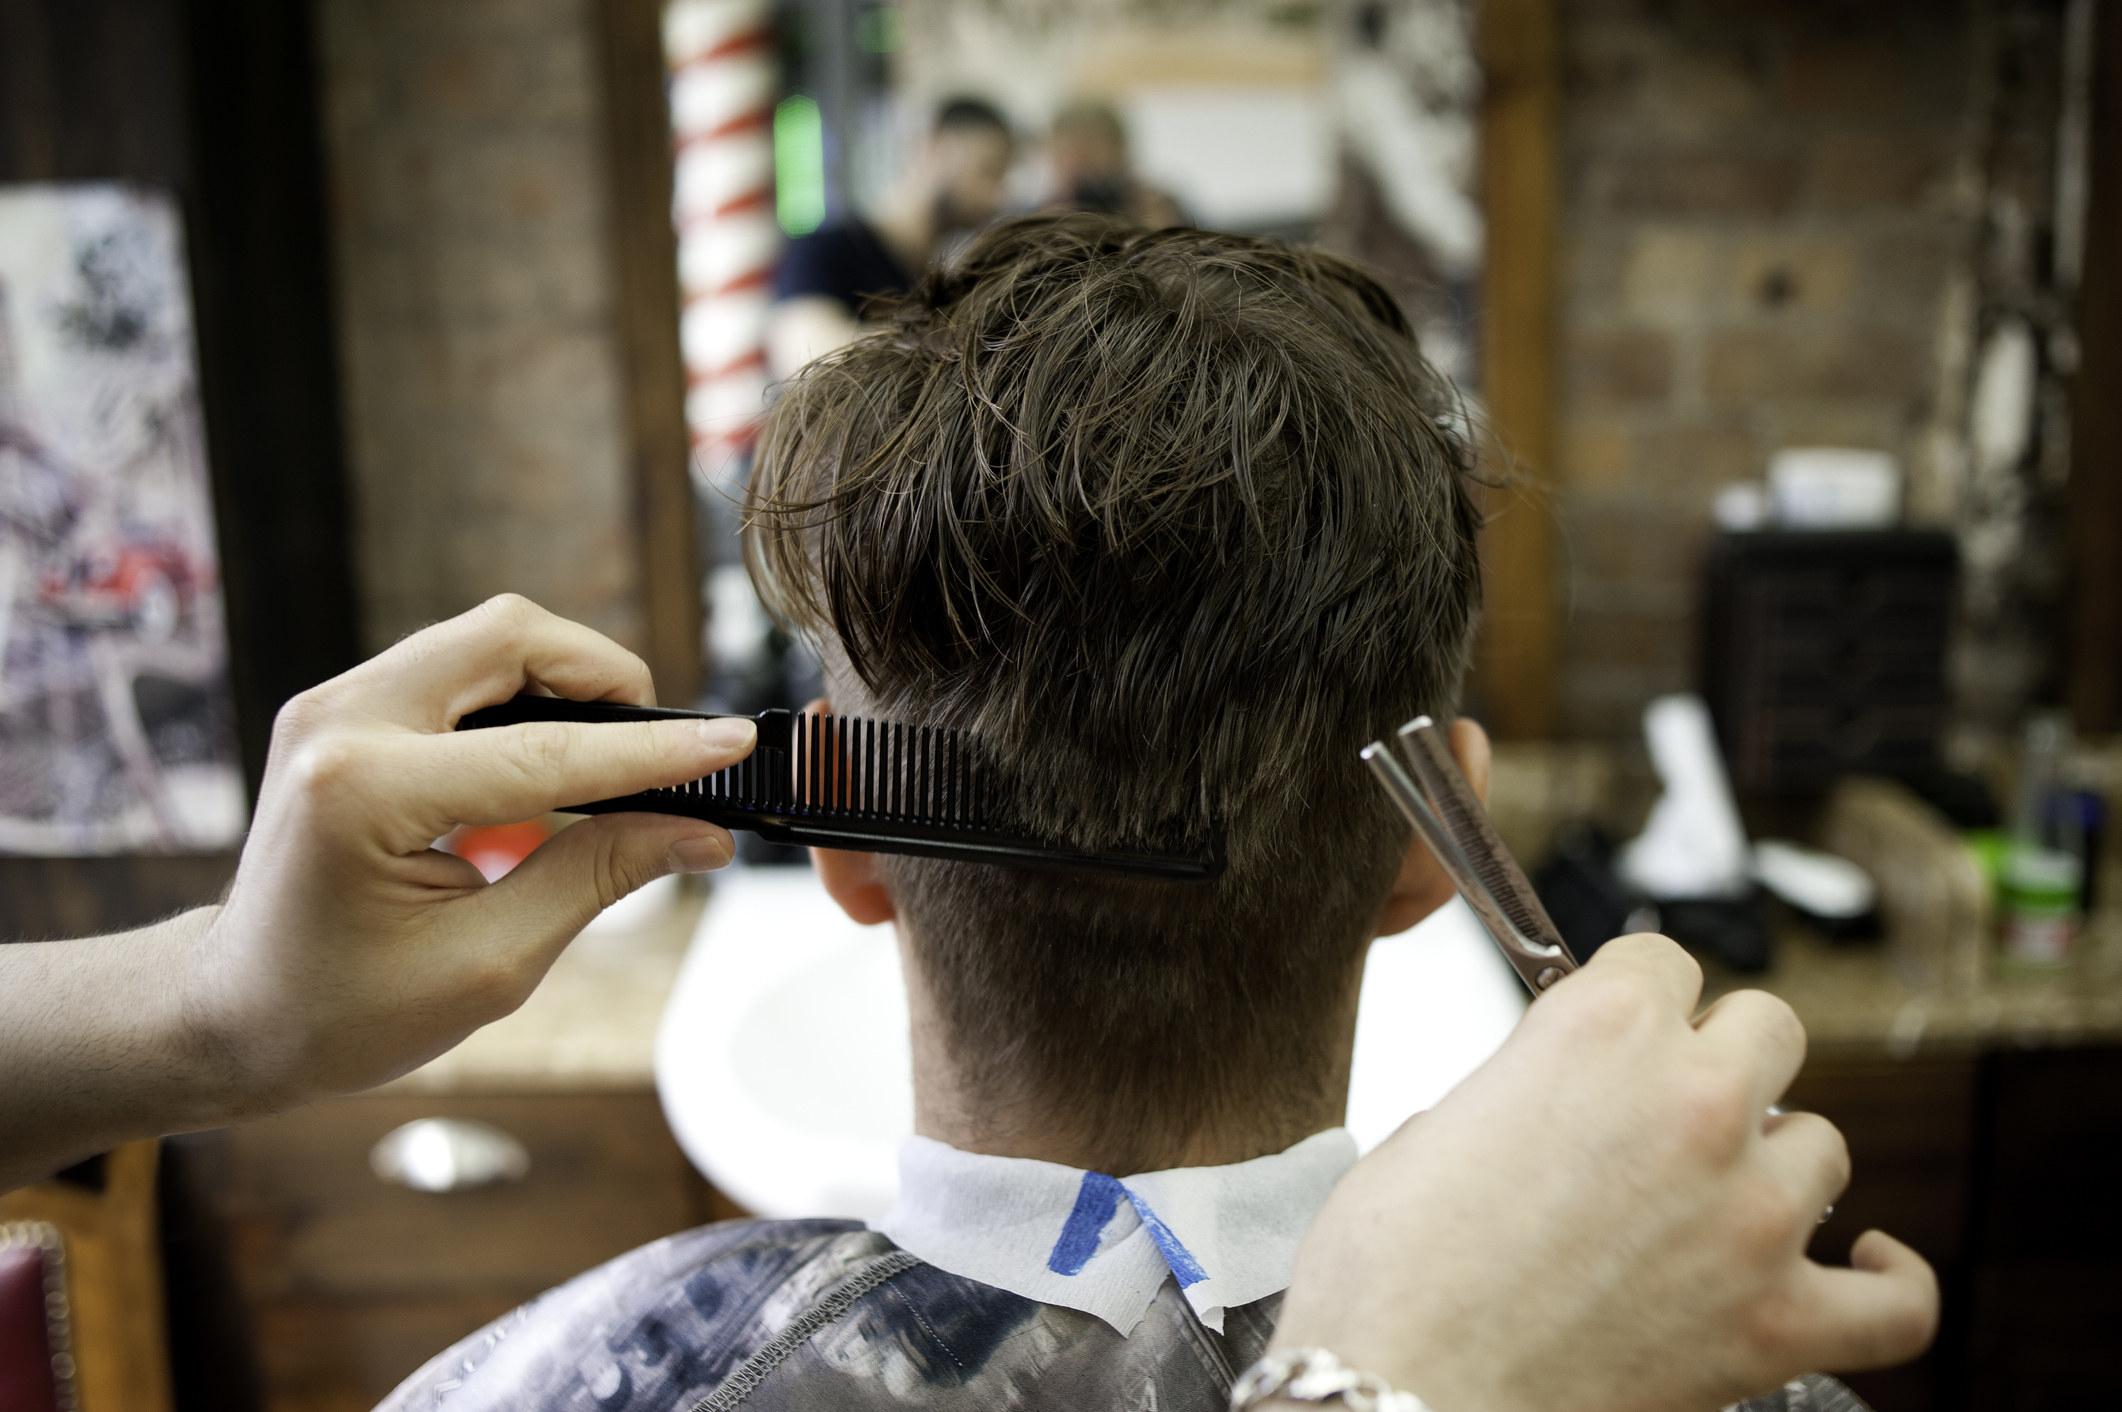 A man receiving a haircut